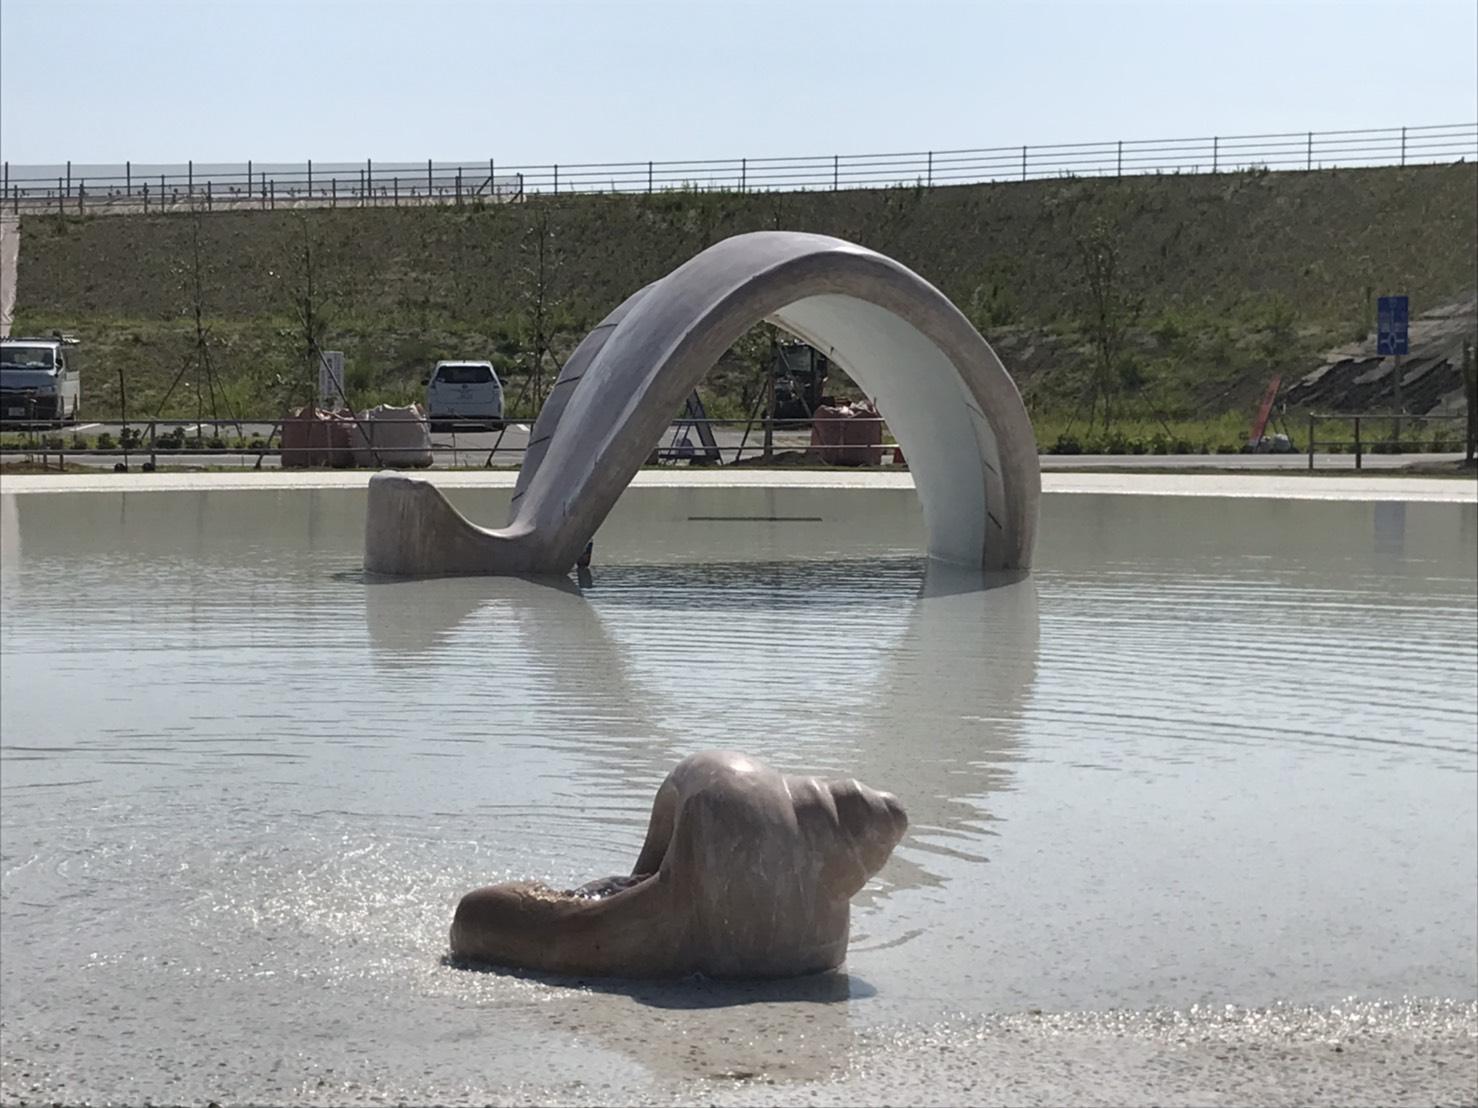 【じゃぶじゃぶ池】釣師防災緑地公園 親水施設設計・施工(福島県)